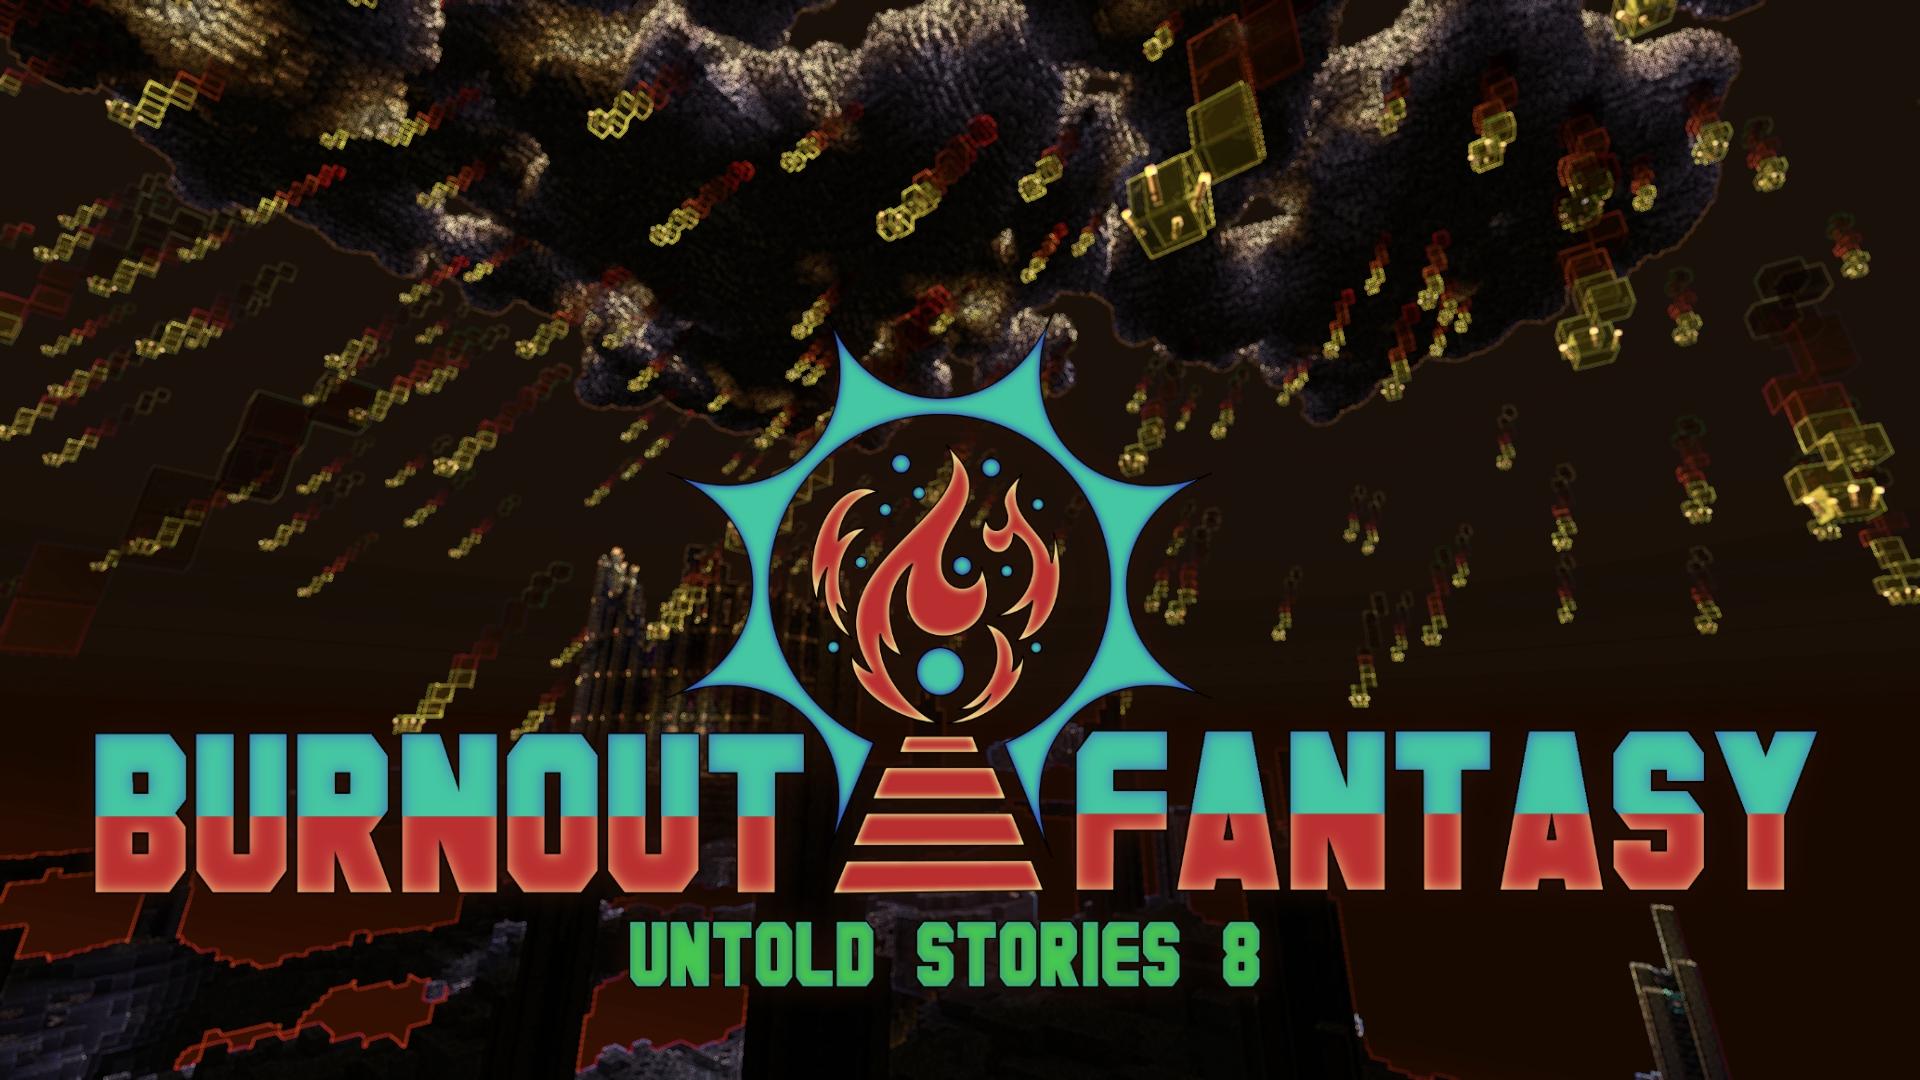 Untold Stories 8: Burnout Fantasy